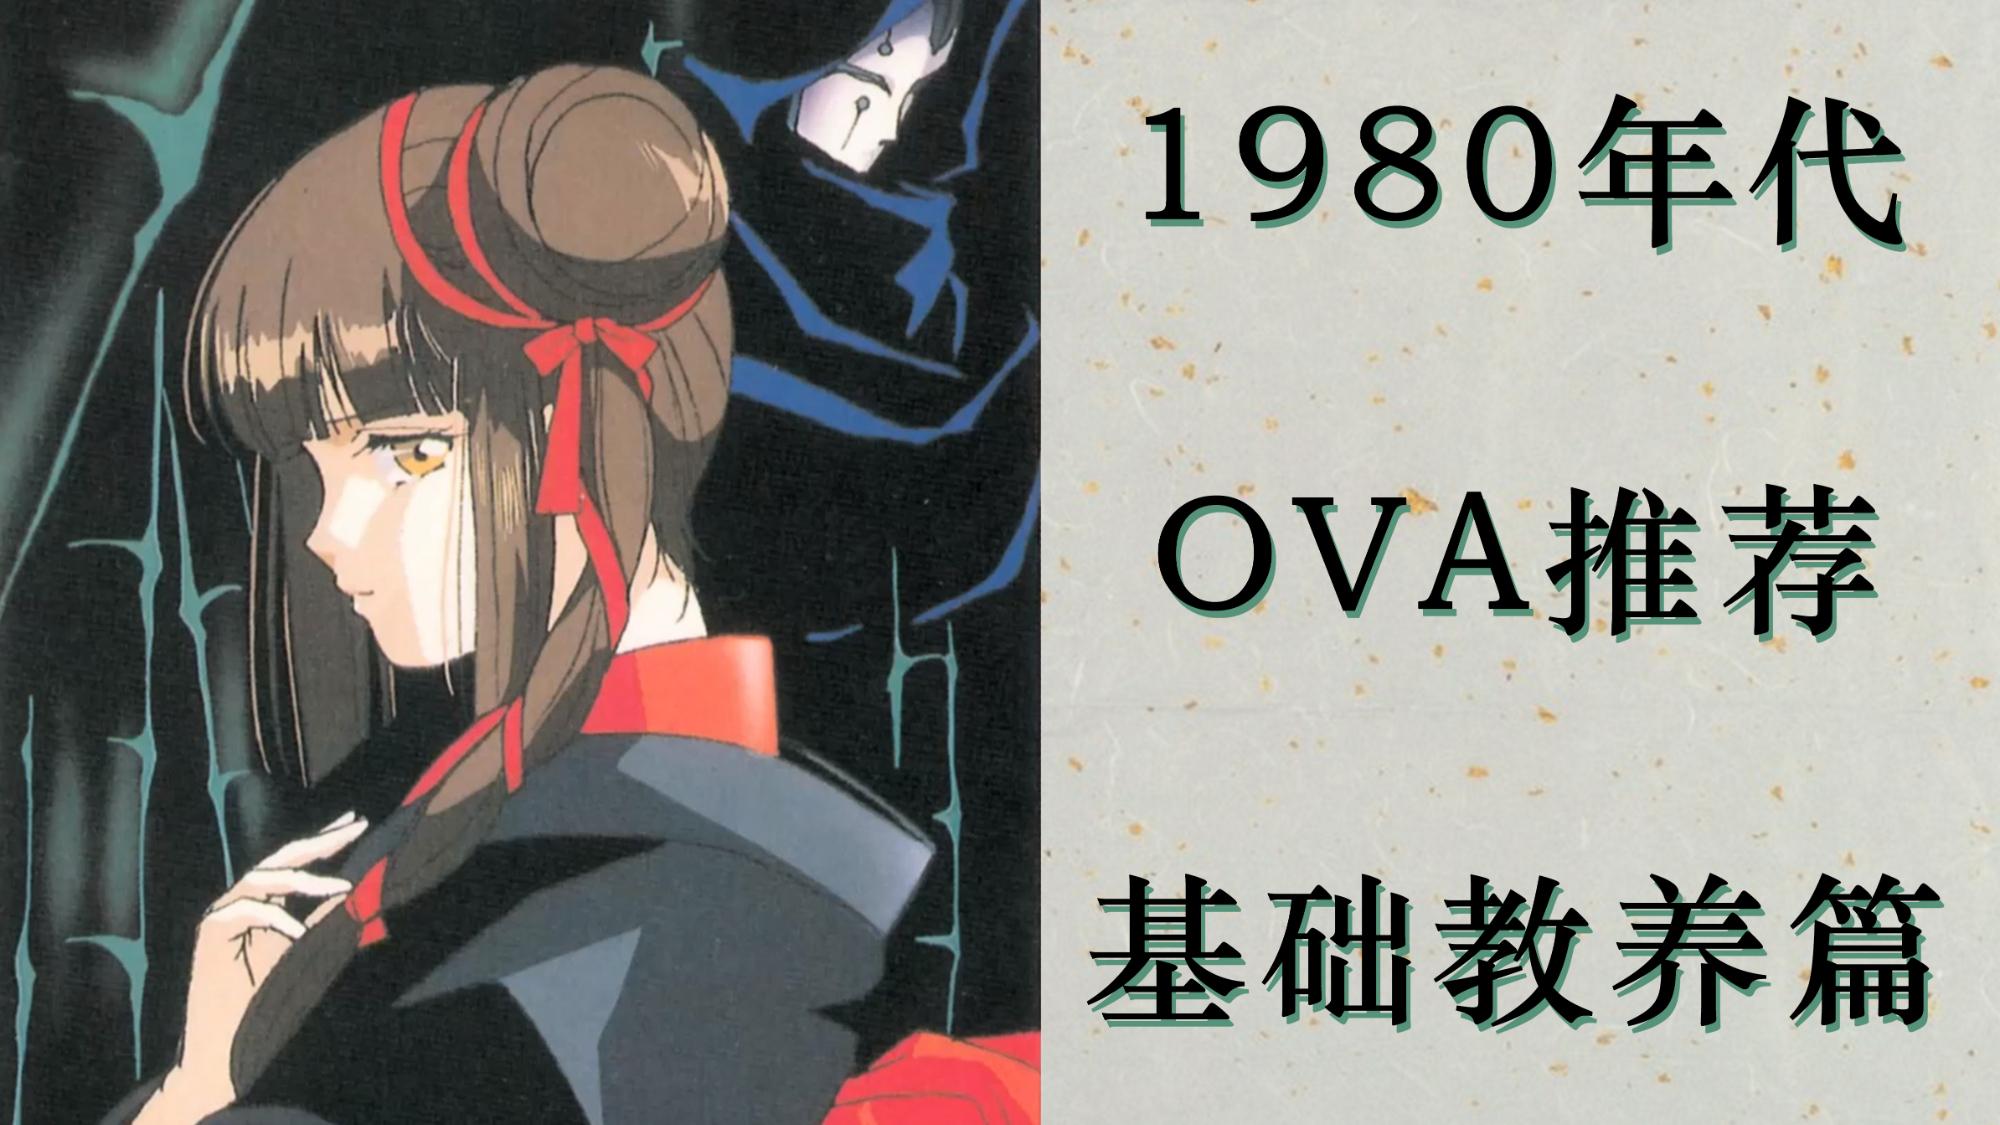 【圣诞快乐】1980年代OVA名作选【基础教养篇】